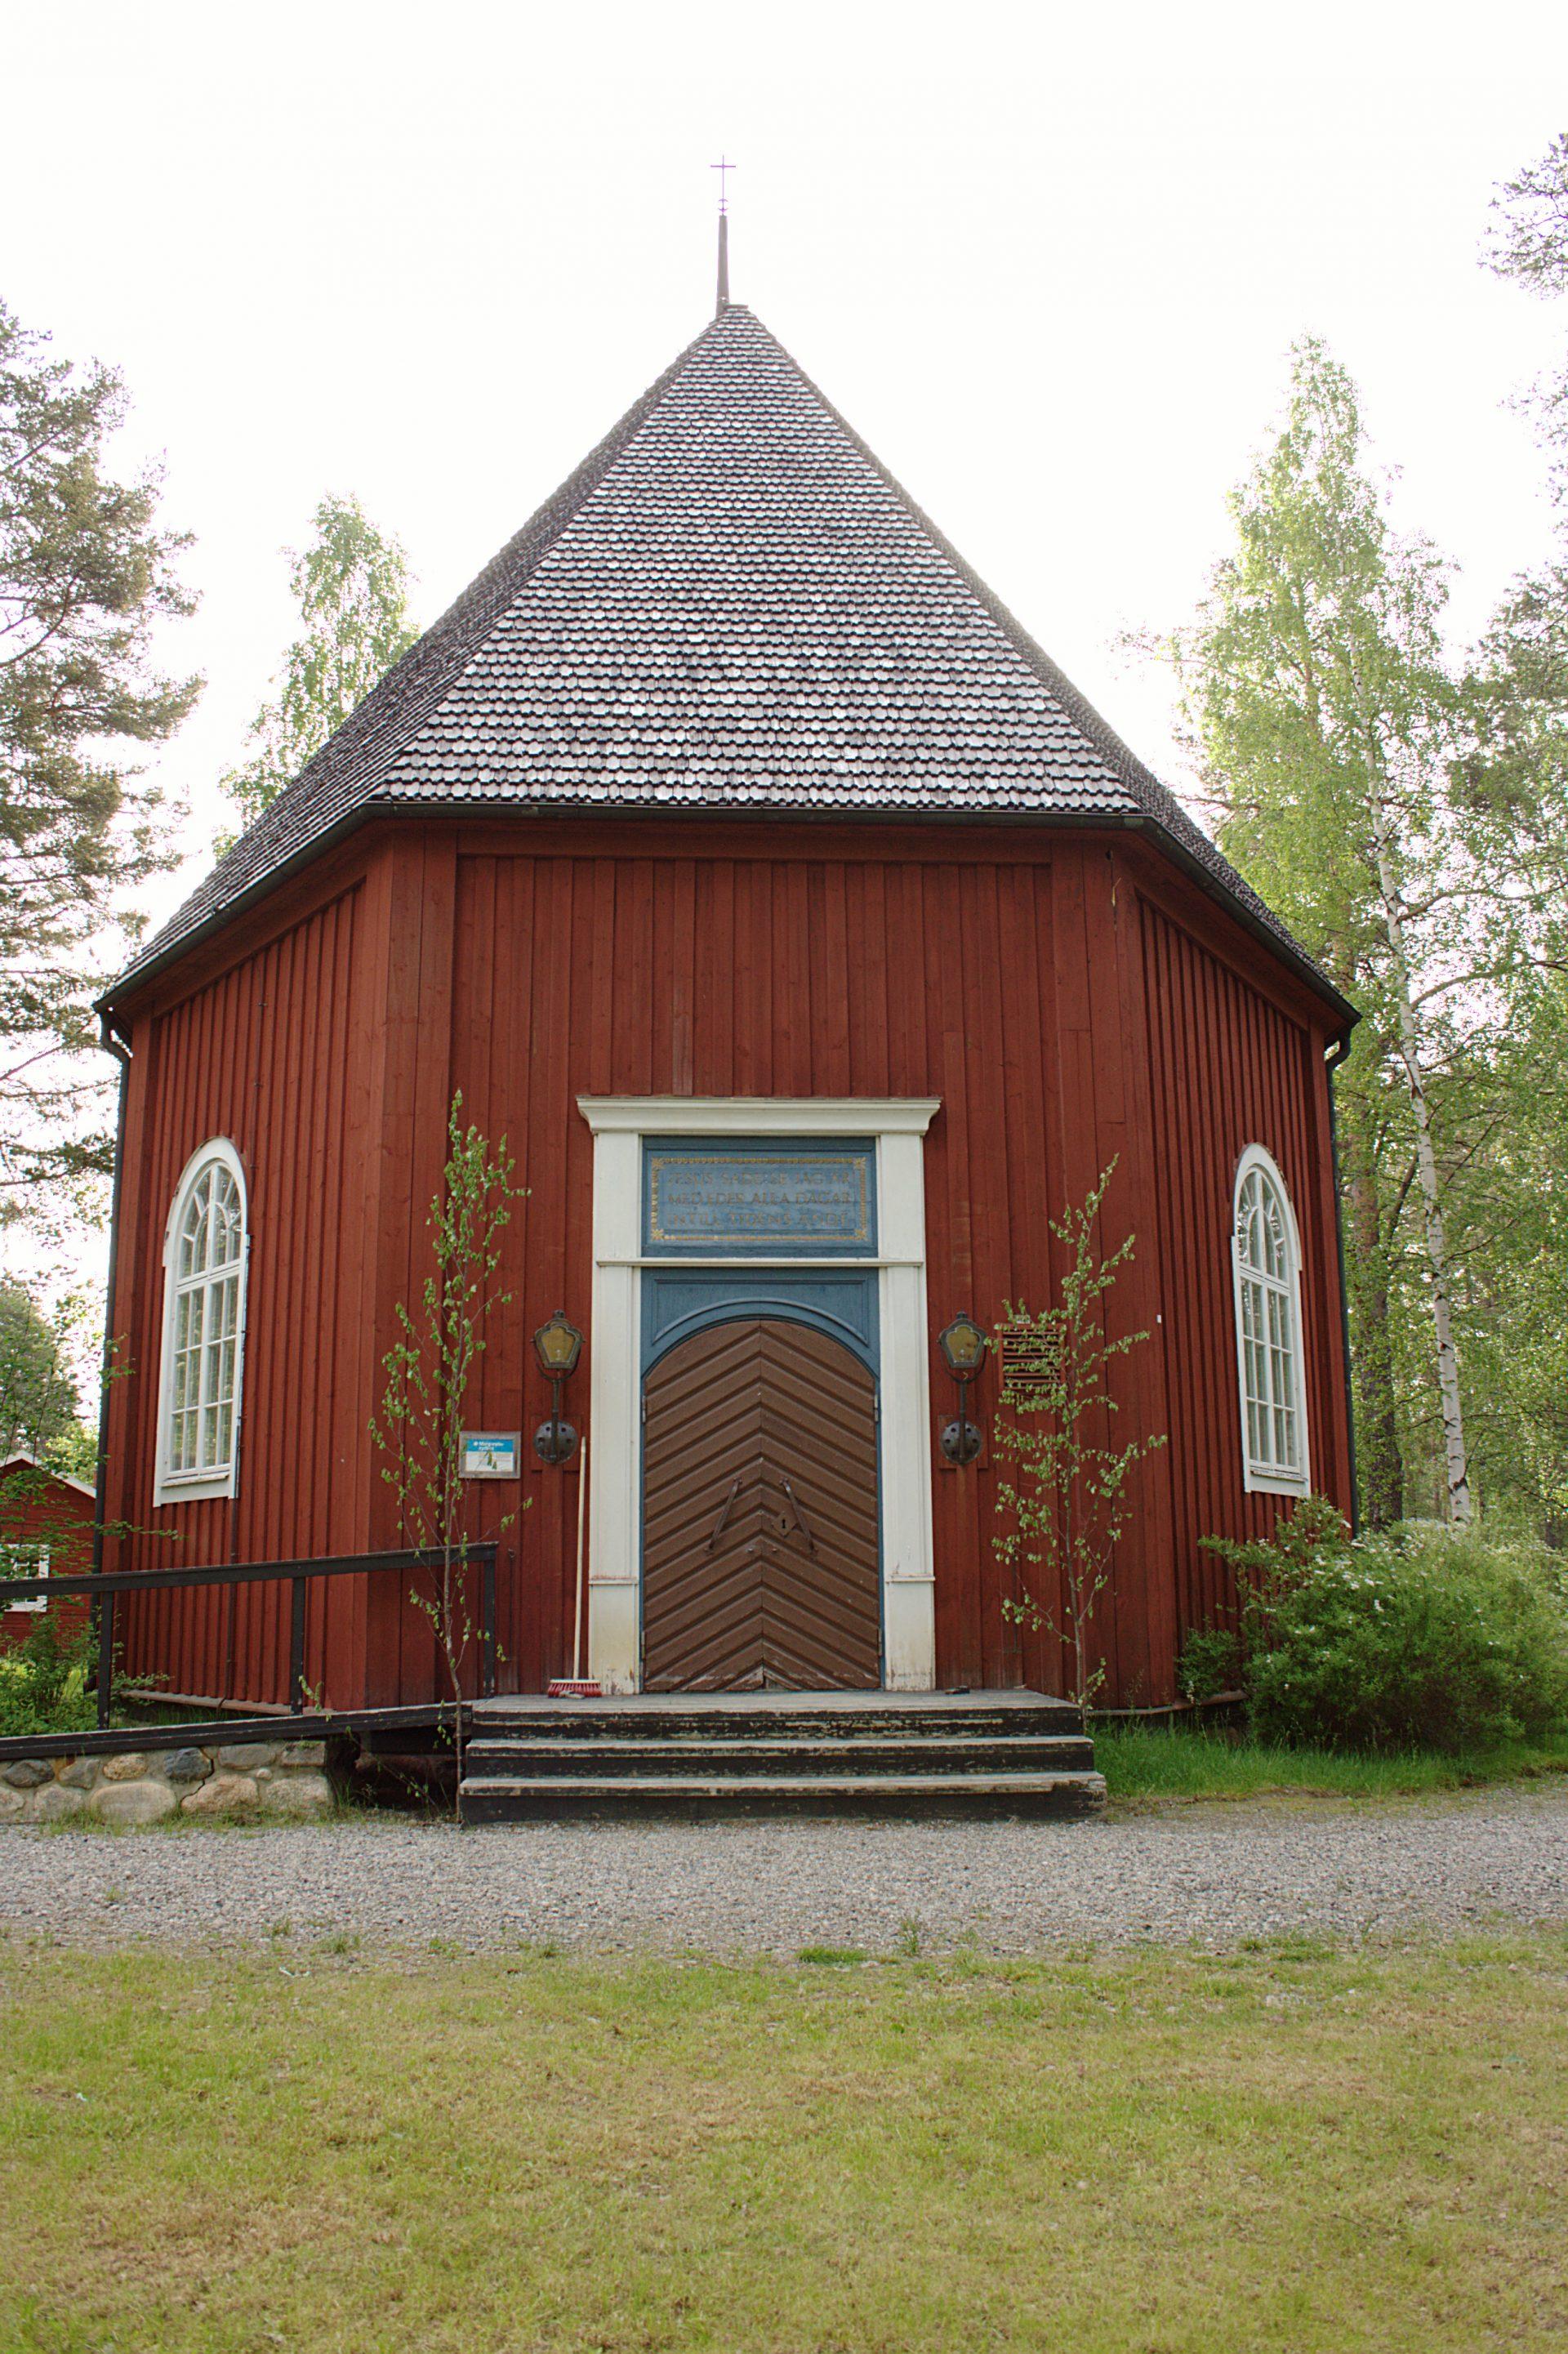 En rödmålad byggnad med spetsigt tak och vita dörr- och fönsterposter.